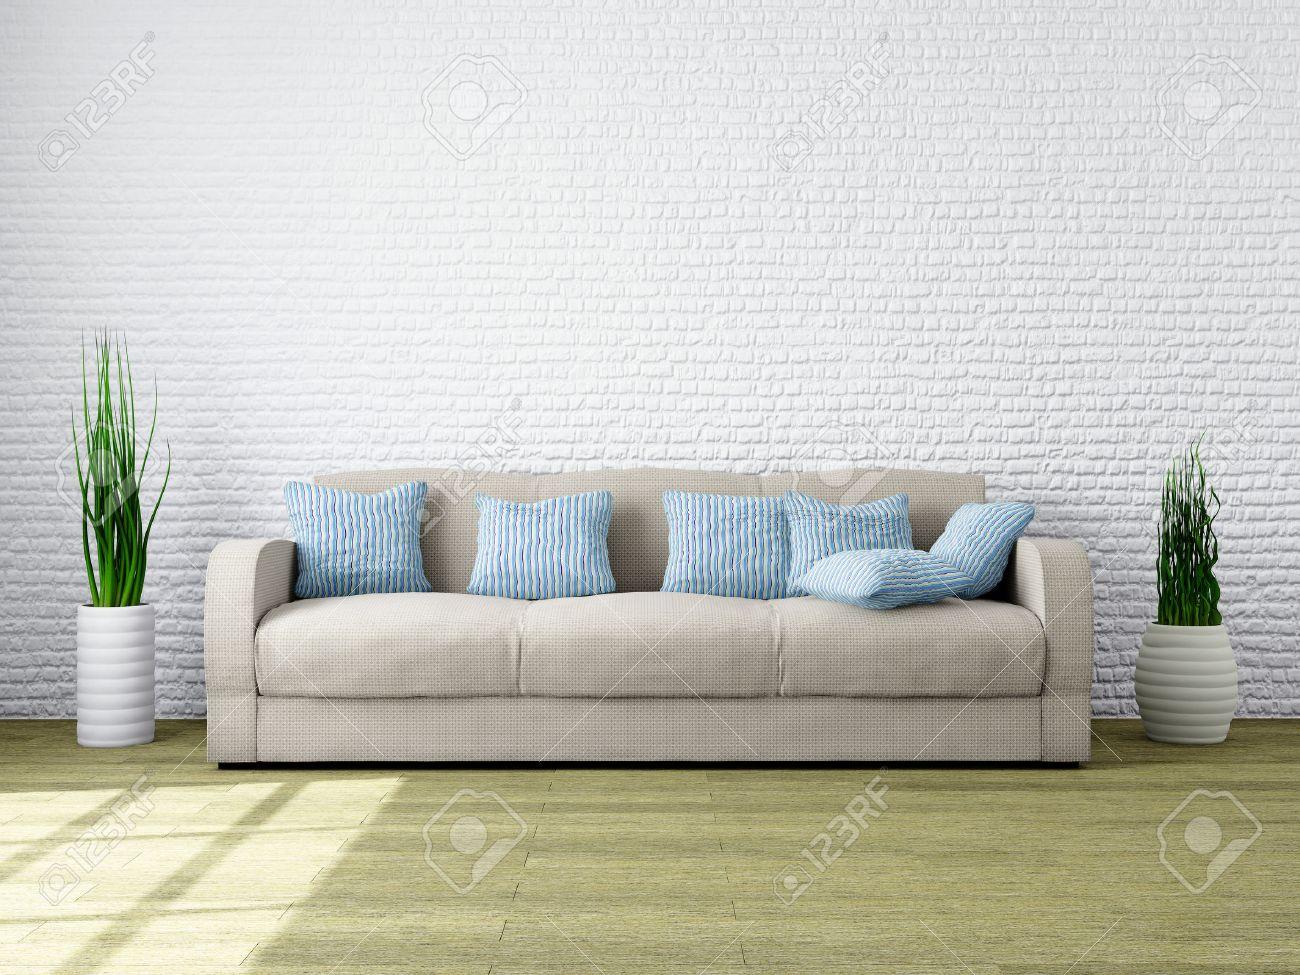 Moderne minimalistische interieur eines wohnzimmer mit nach hause